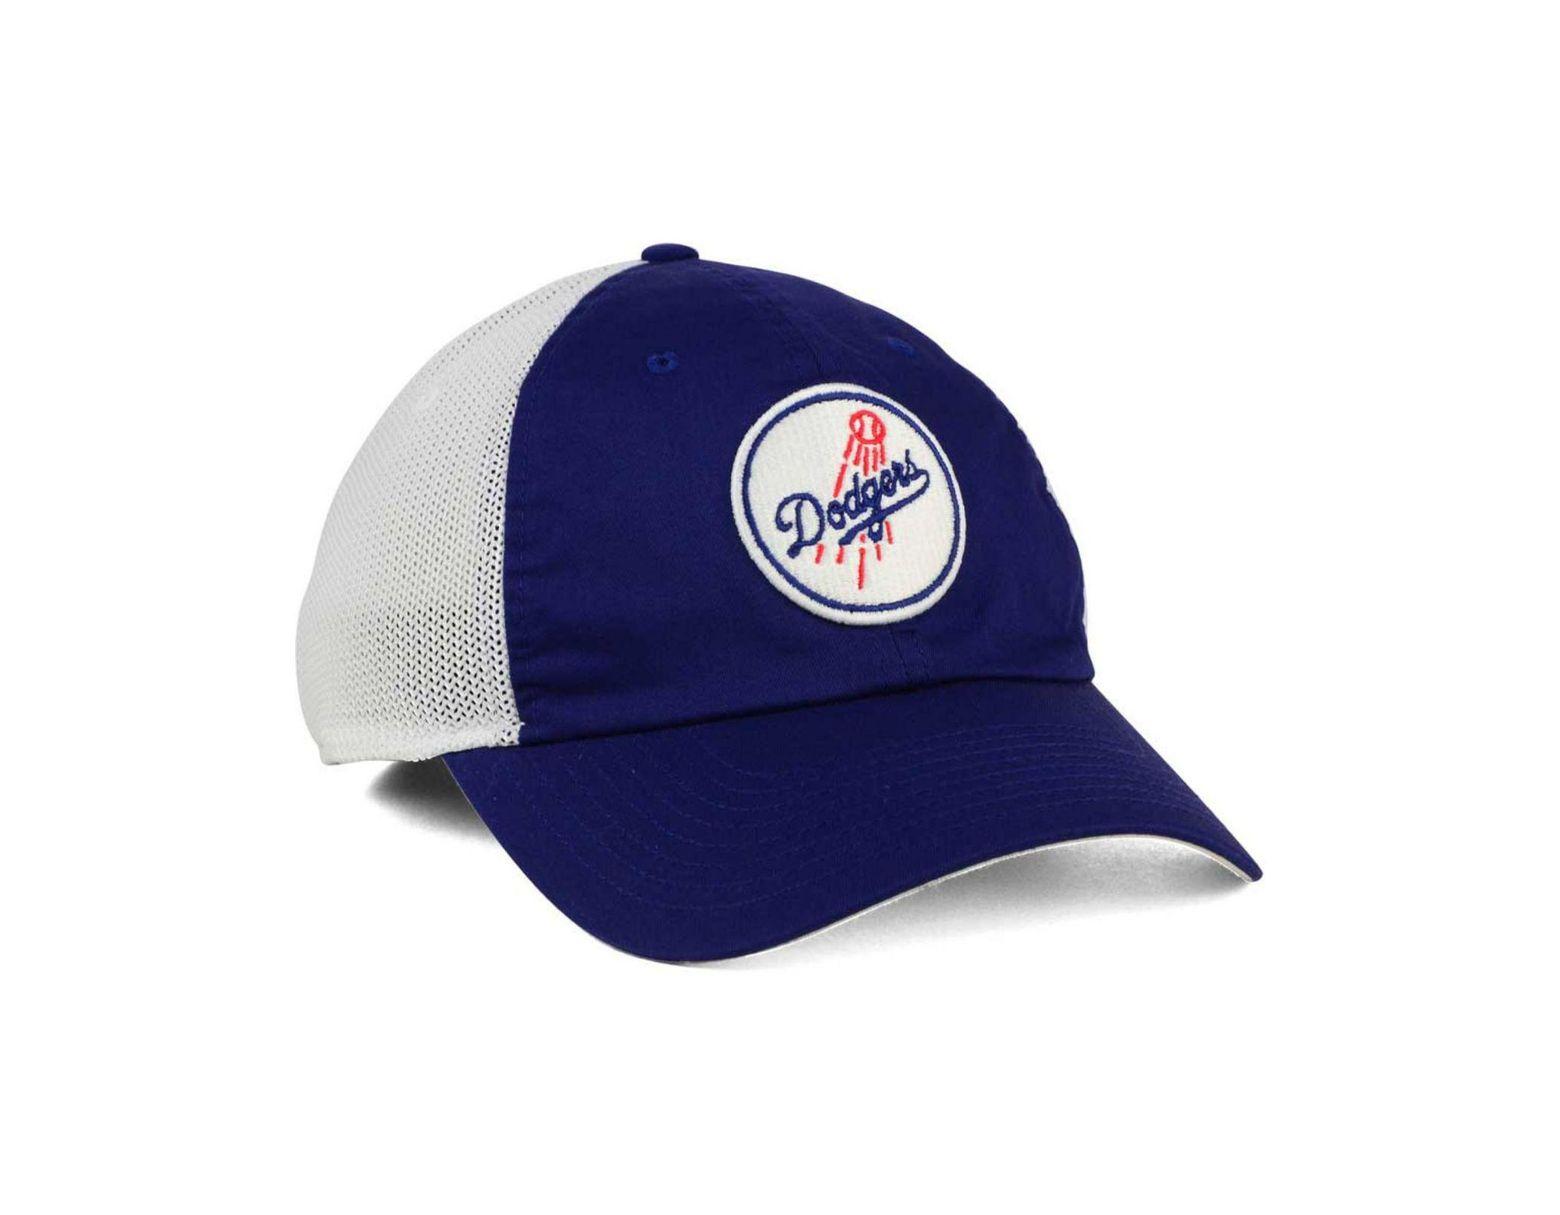 e31edd826 Men's Blue Los Angeles Dodgers Dri-fit Mesh Swoosh Adjustable Cap